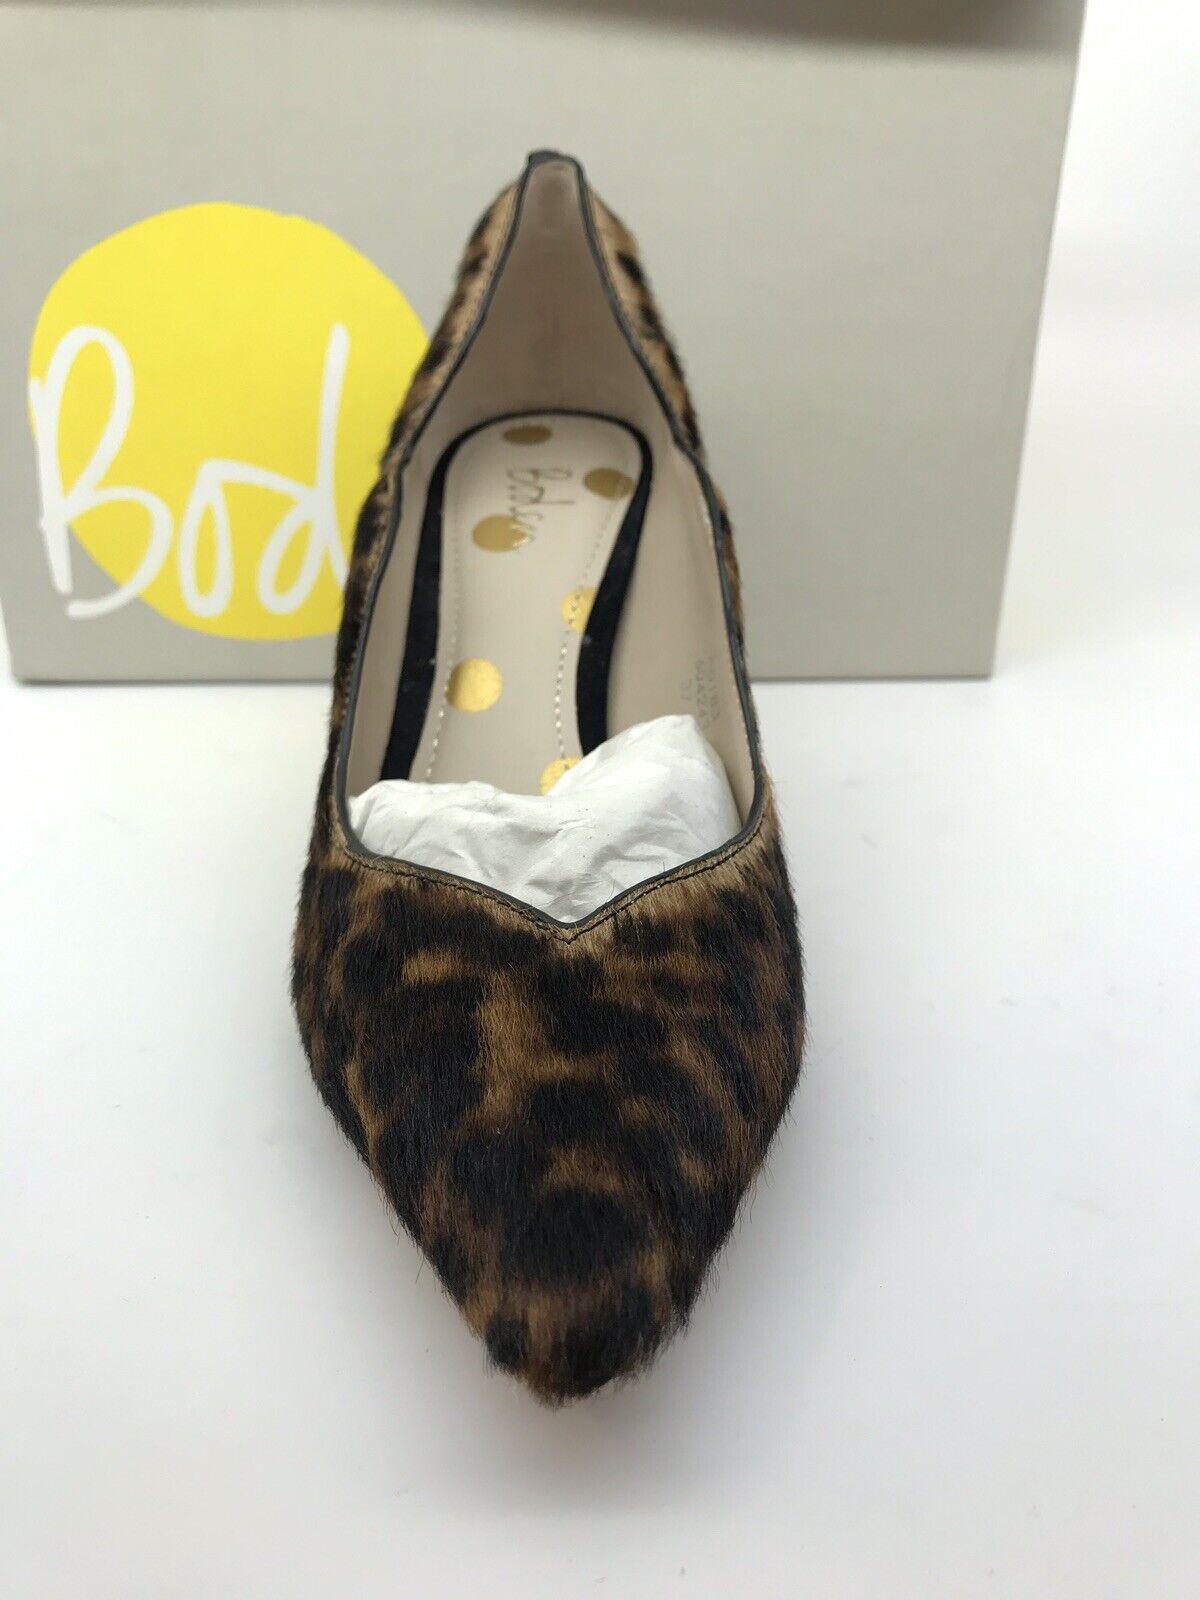 Boden Madison Heels Leo Leopard Print Calf Hair Pump Größe Größe Größe 7 US 37.5 EU 50cca8